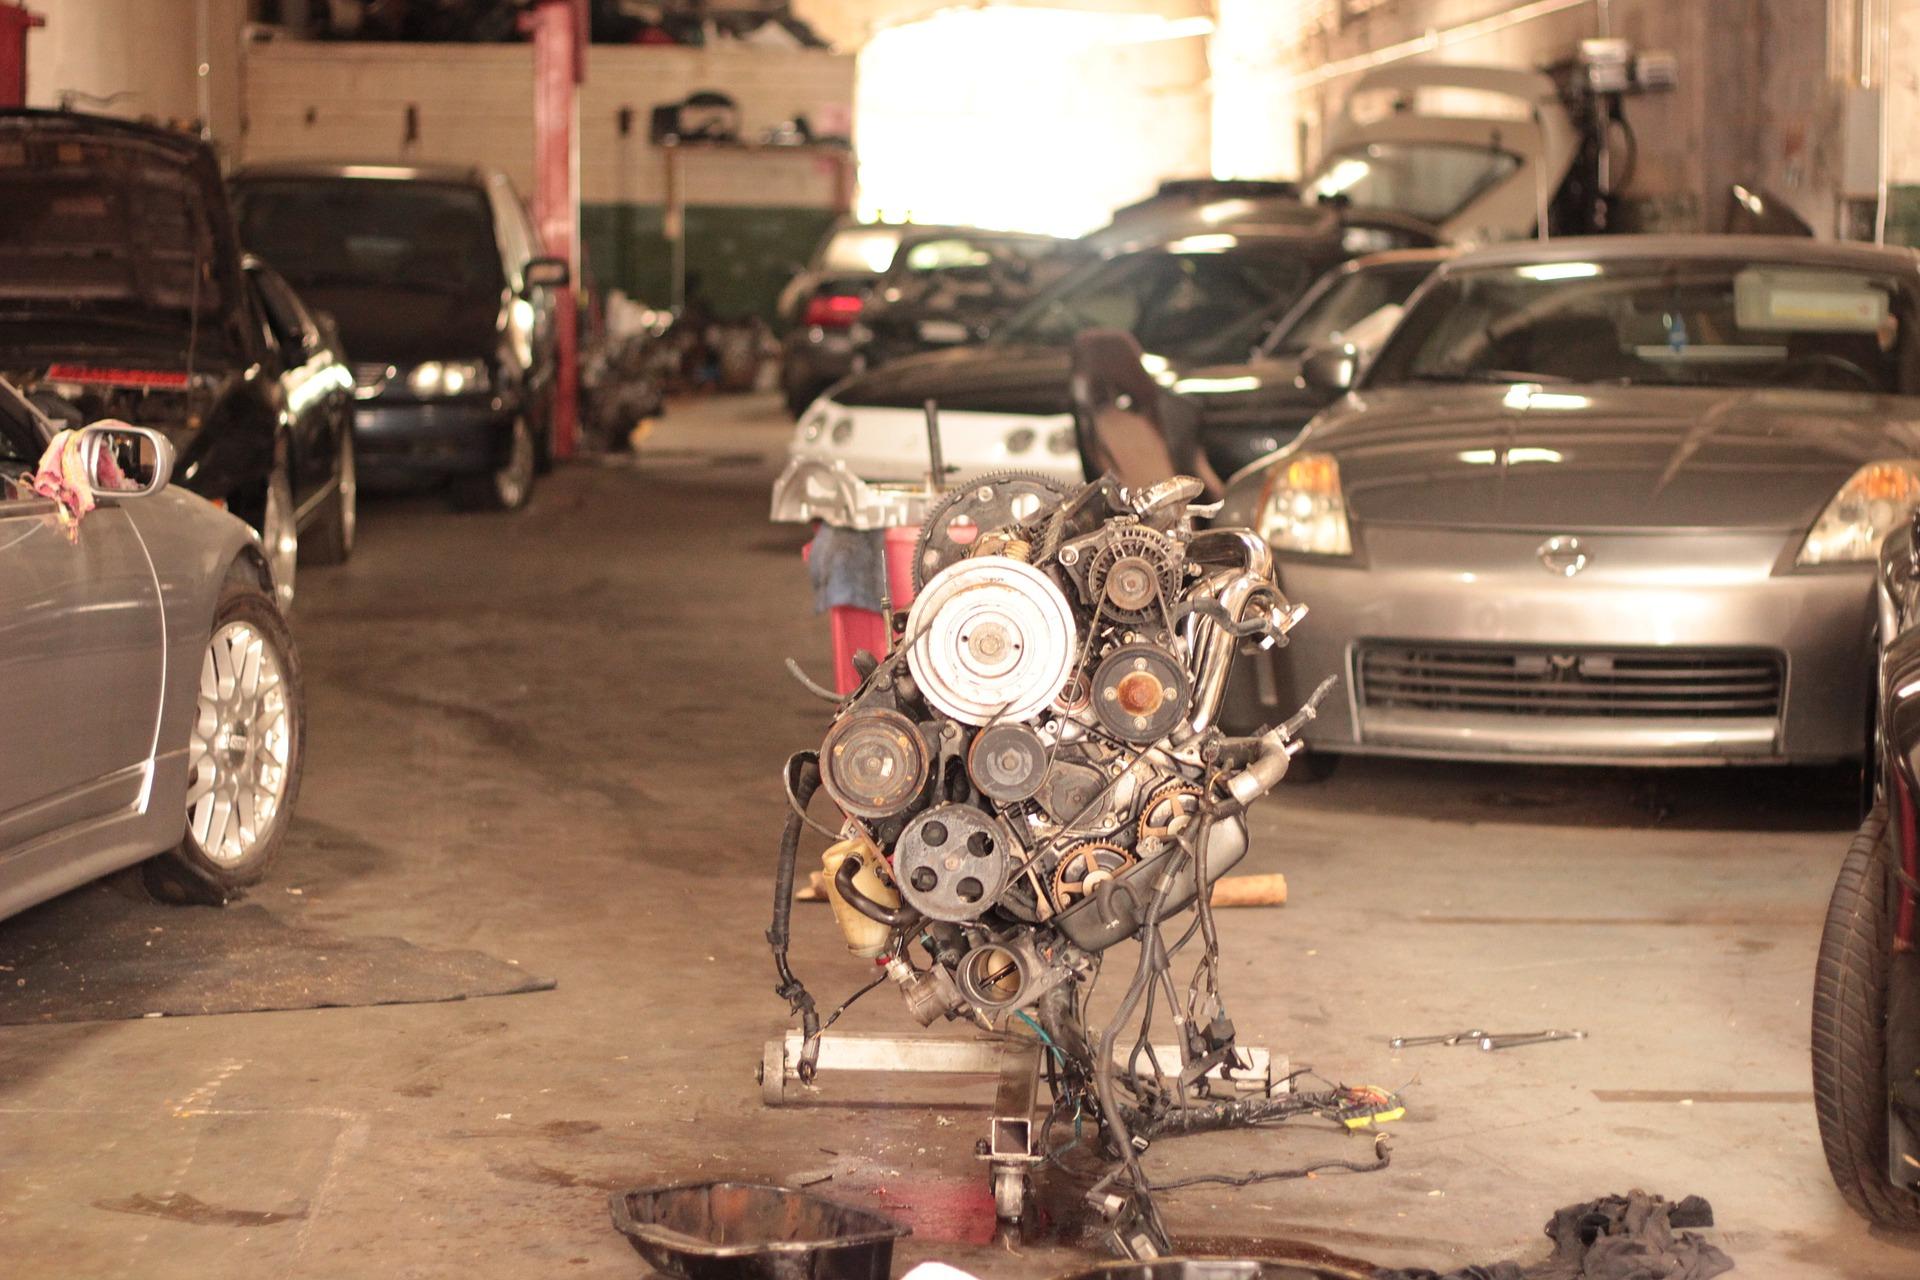 Apprenez_à_connaître_votre_voiture_:_la_clé_d_un_service_automobile_de_qualité_et_abordable